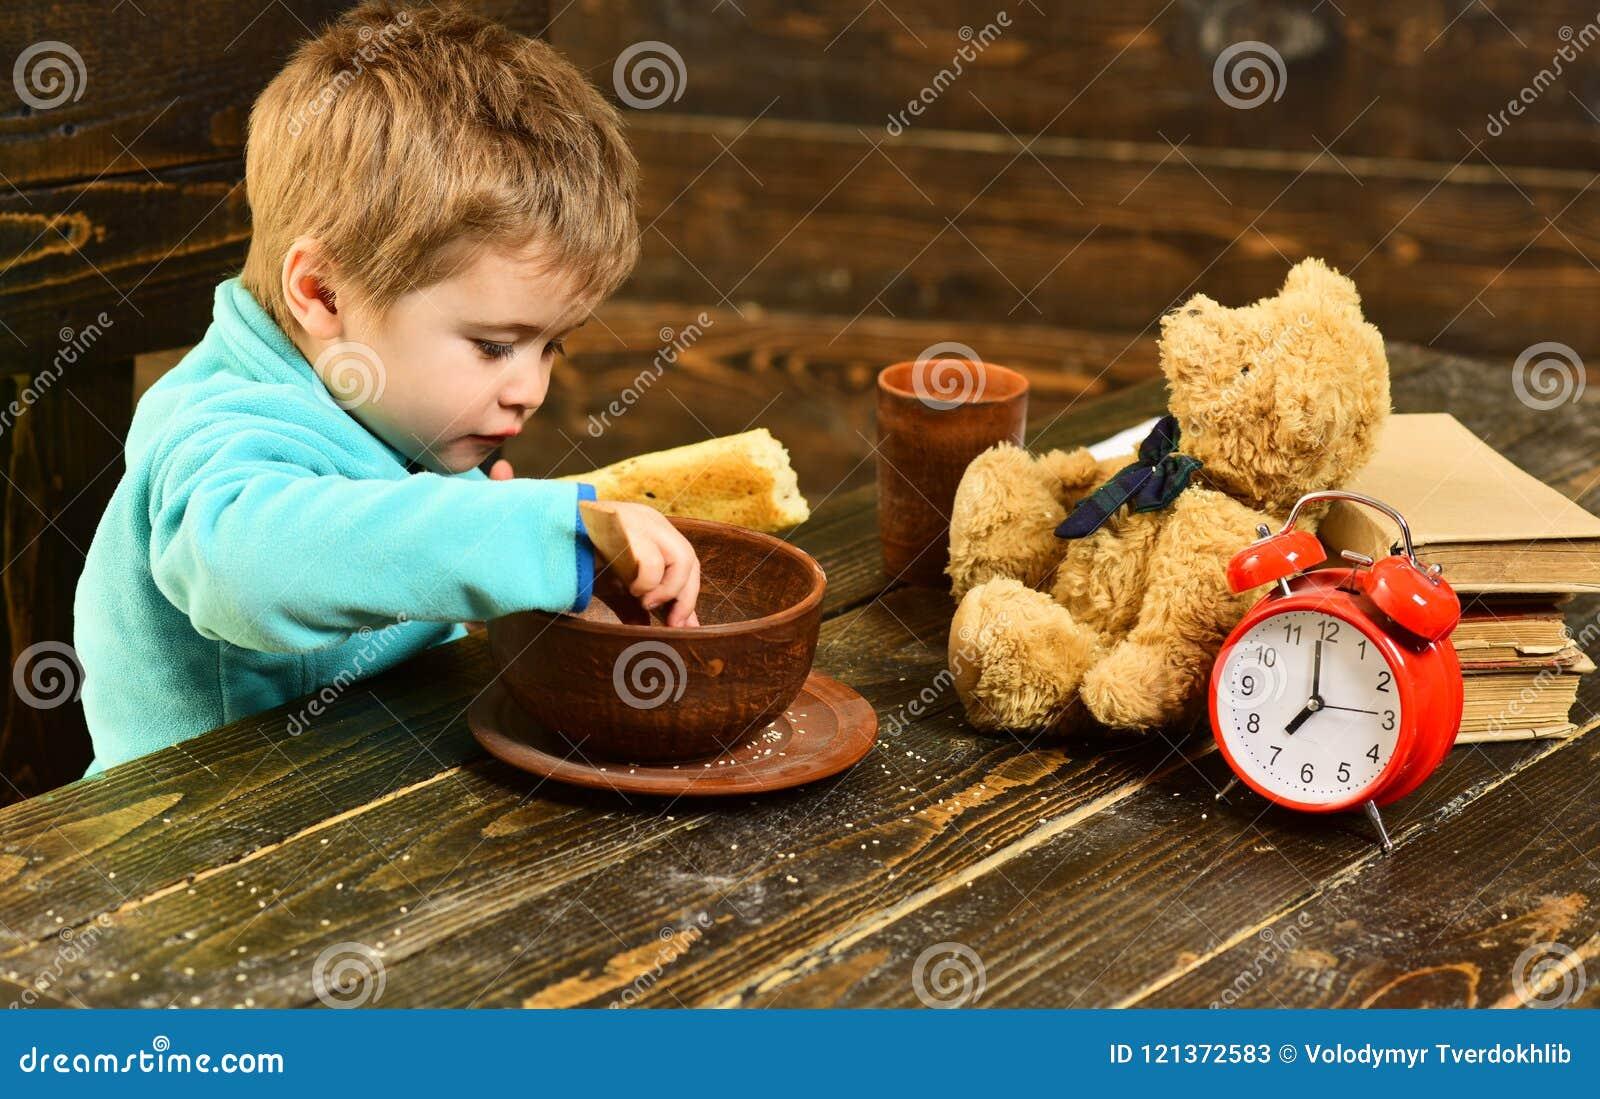 Ungen äter mat på trätabellen Ungen tycker om mål med leksakvännen Ungemeny Äta för liten unge äta vad dig